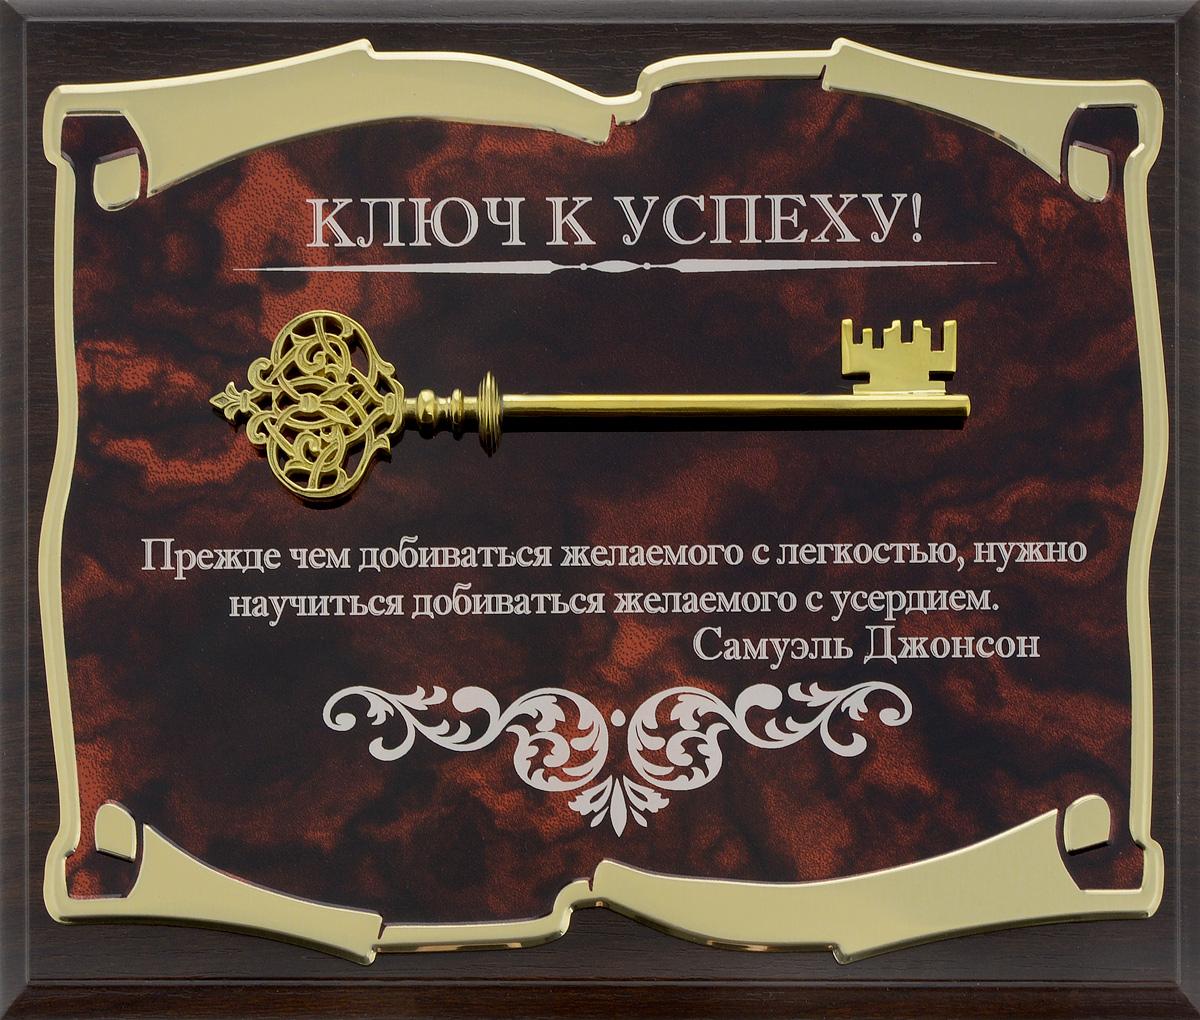 """Панно Город Подарков """"Ключ к успеху! Самуэль Джонсон"""", 25,5 х 20,5 см"""